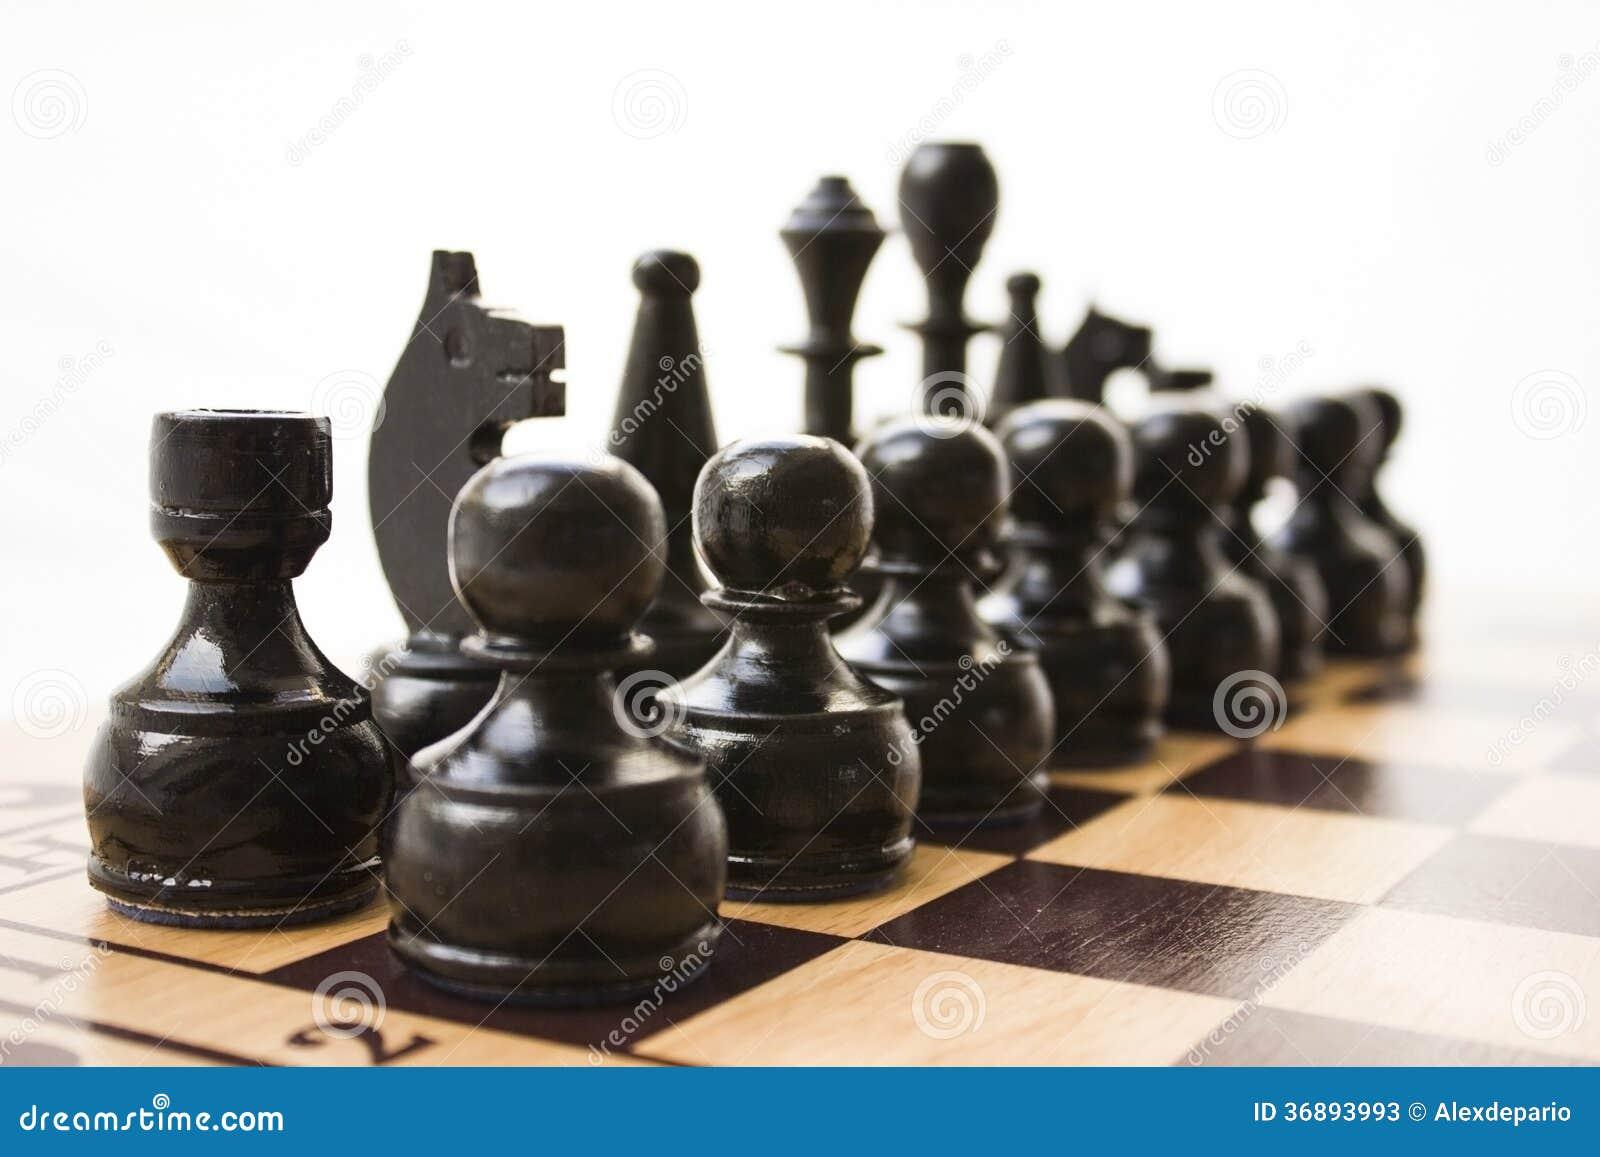 Download Pezzi degli scacchi immagine stock. Immagine di potenza - 36893993